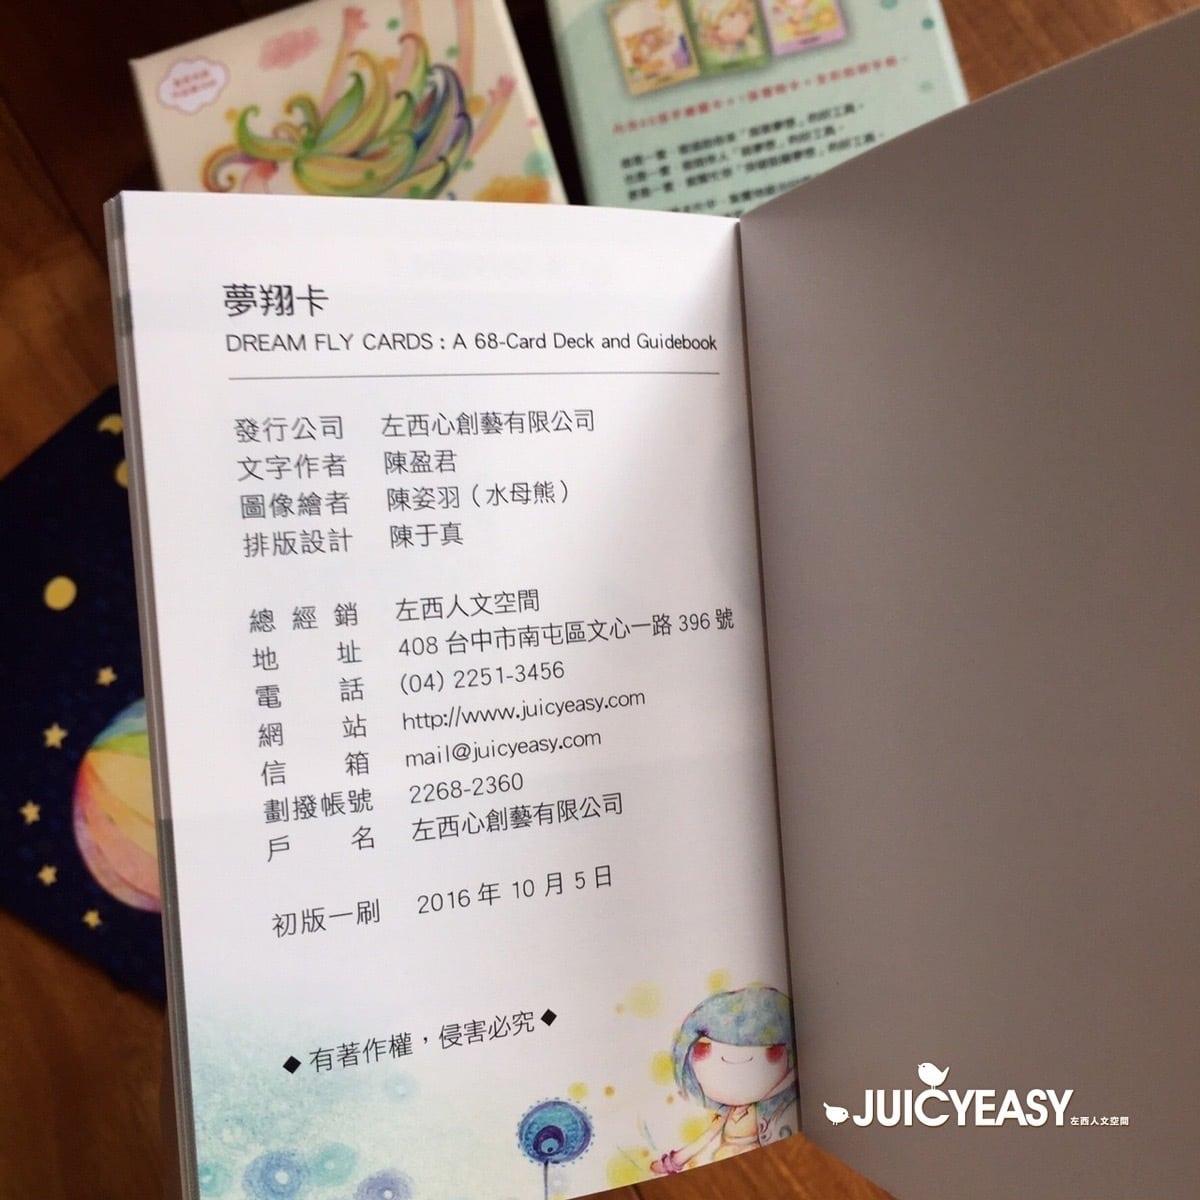 夢翔卡版權頁